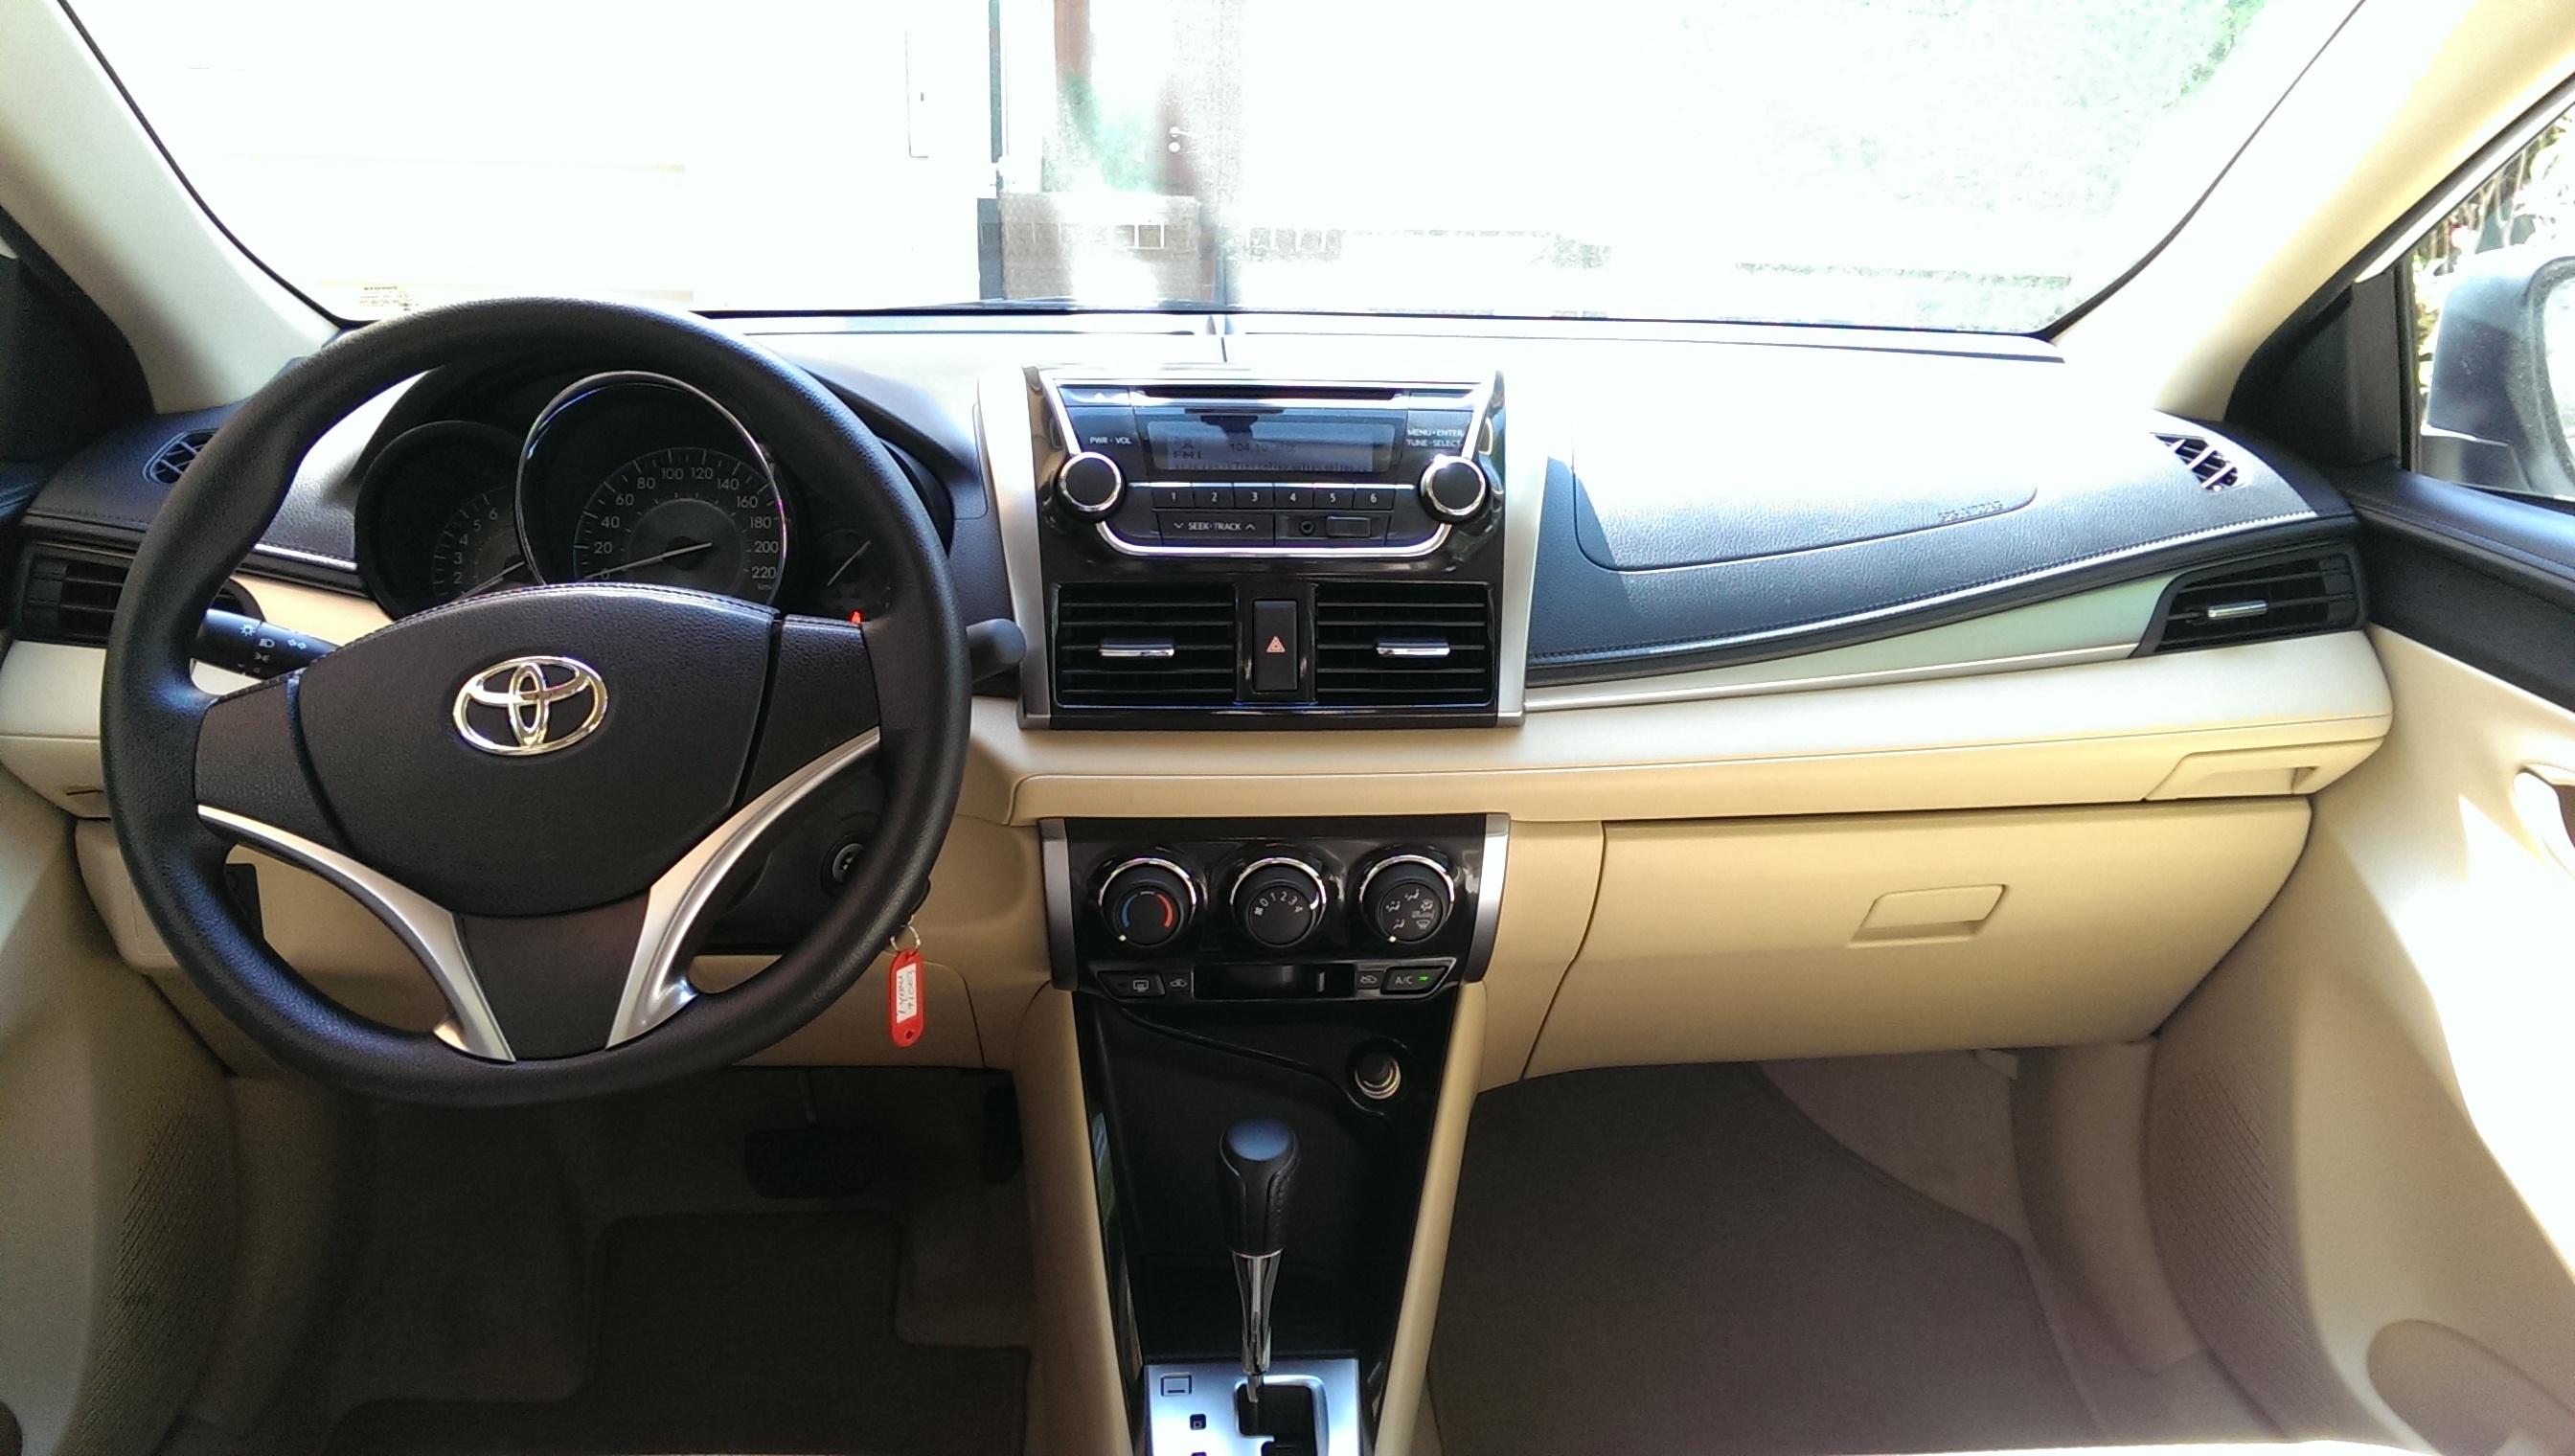 2014 toyota yaris sedan interior for Interior toyota yaris